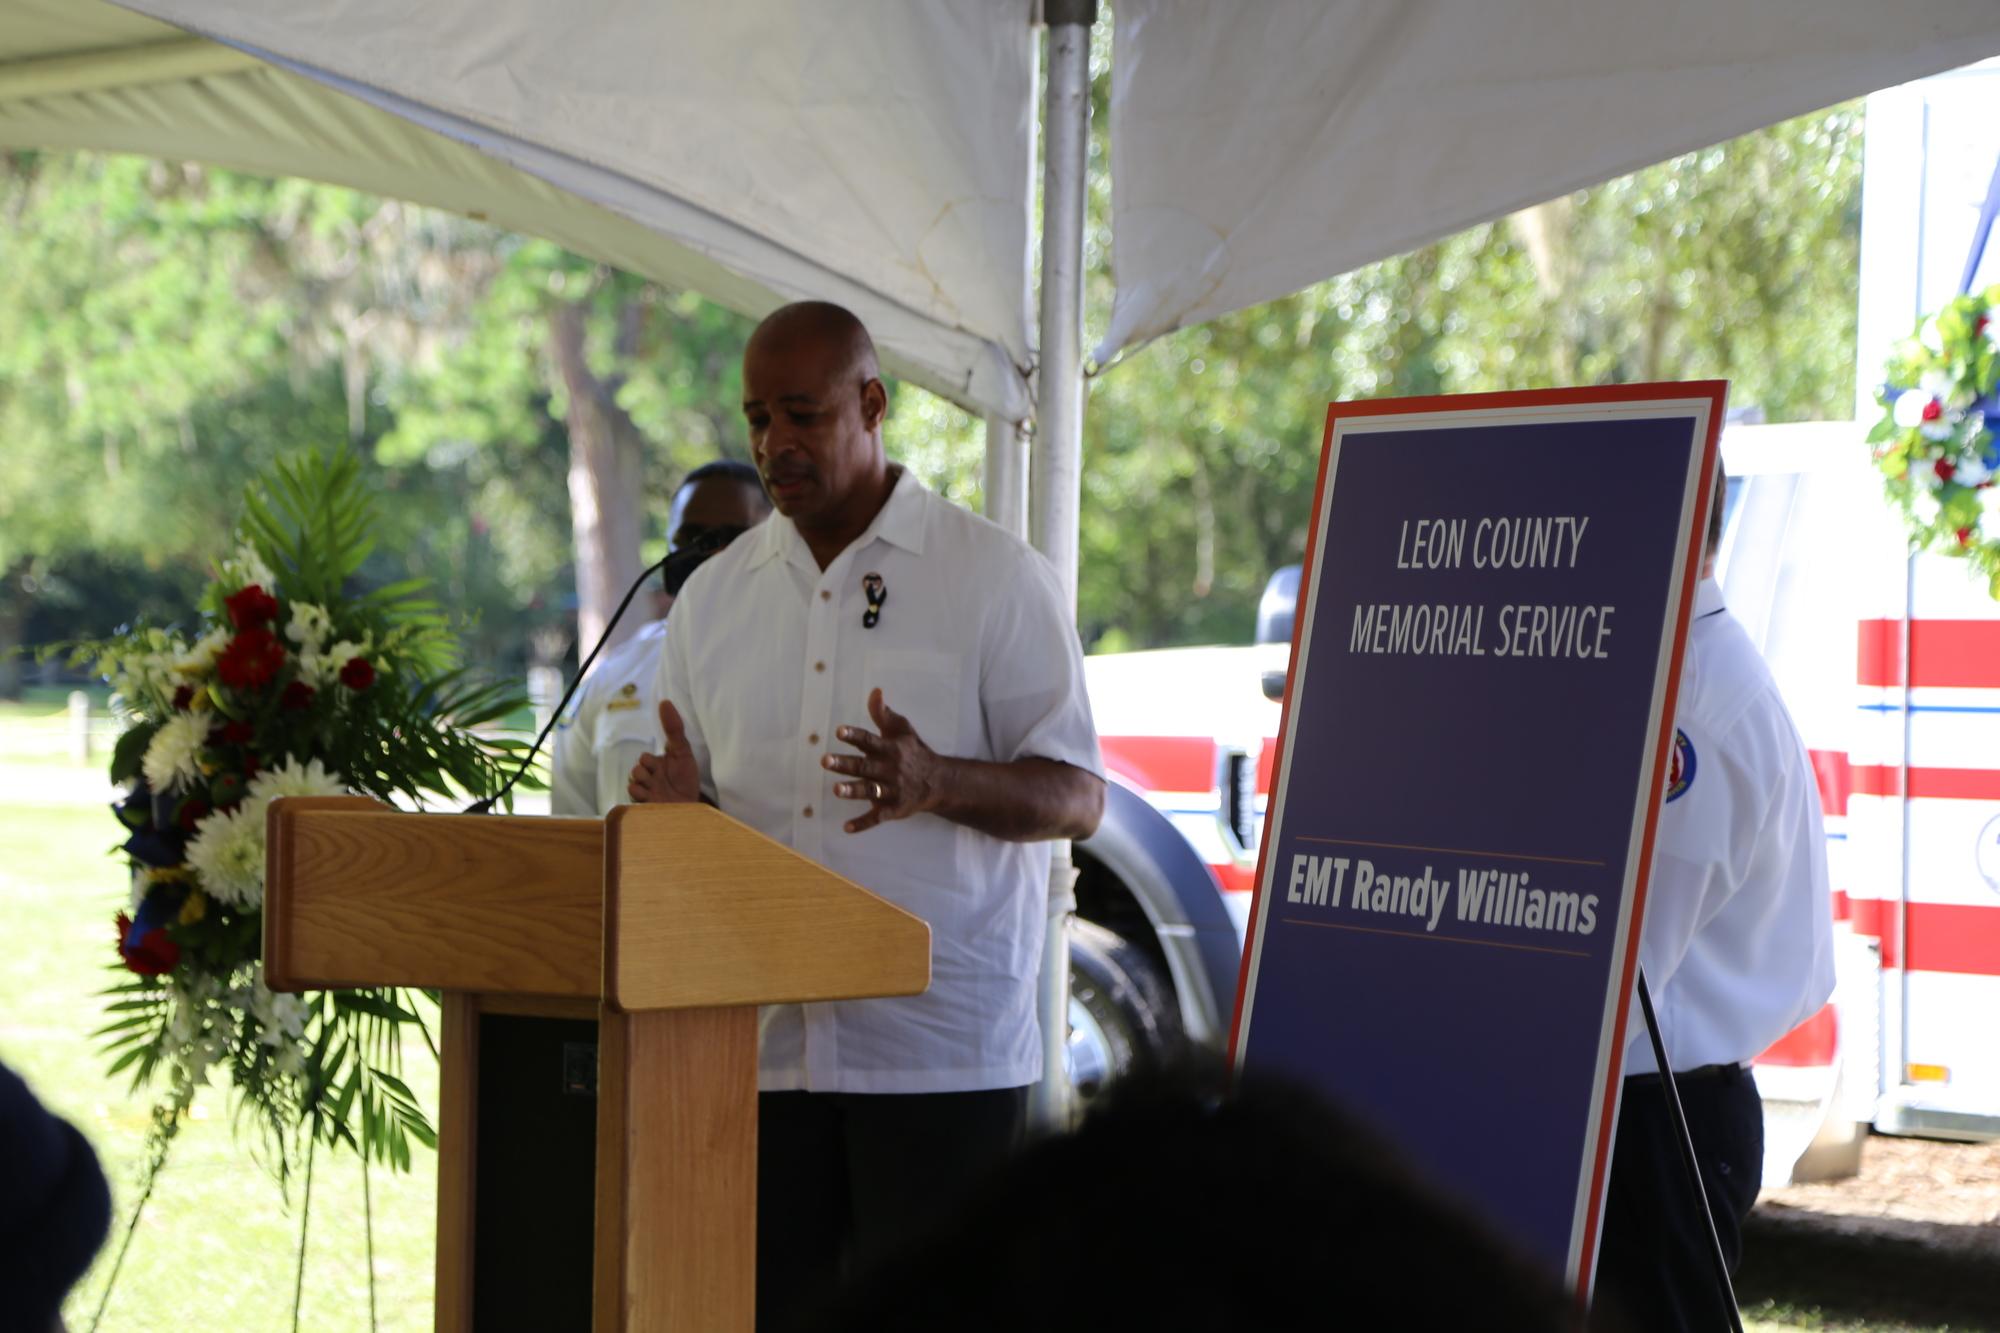 Randy Williams' family member speaking at memorial service.